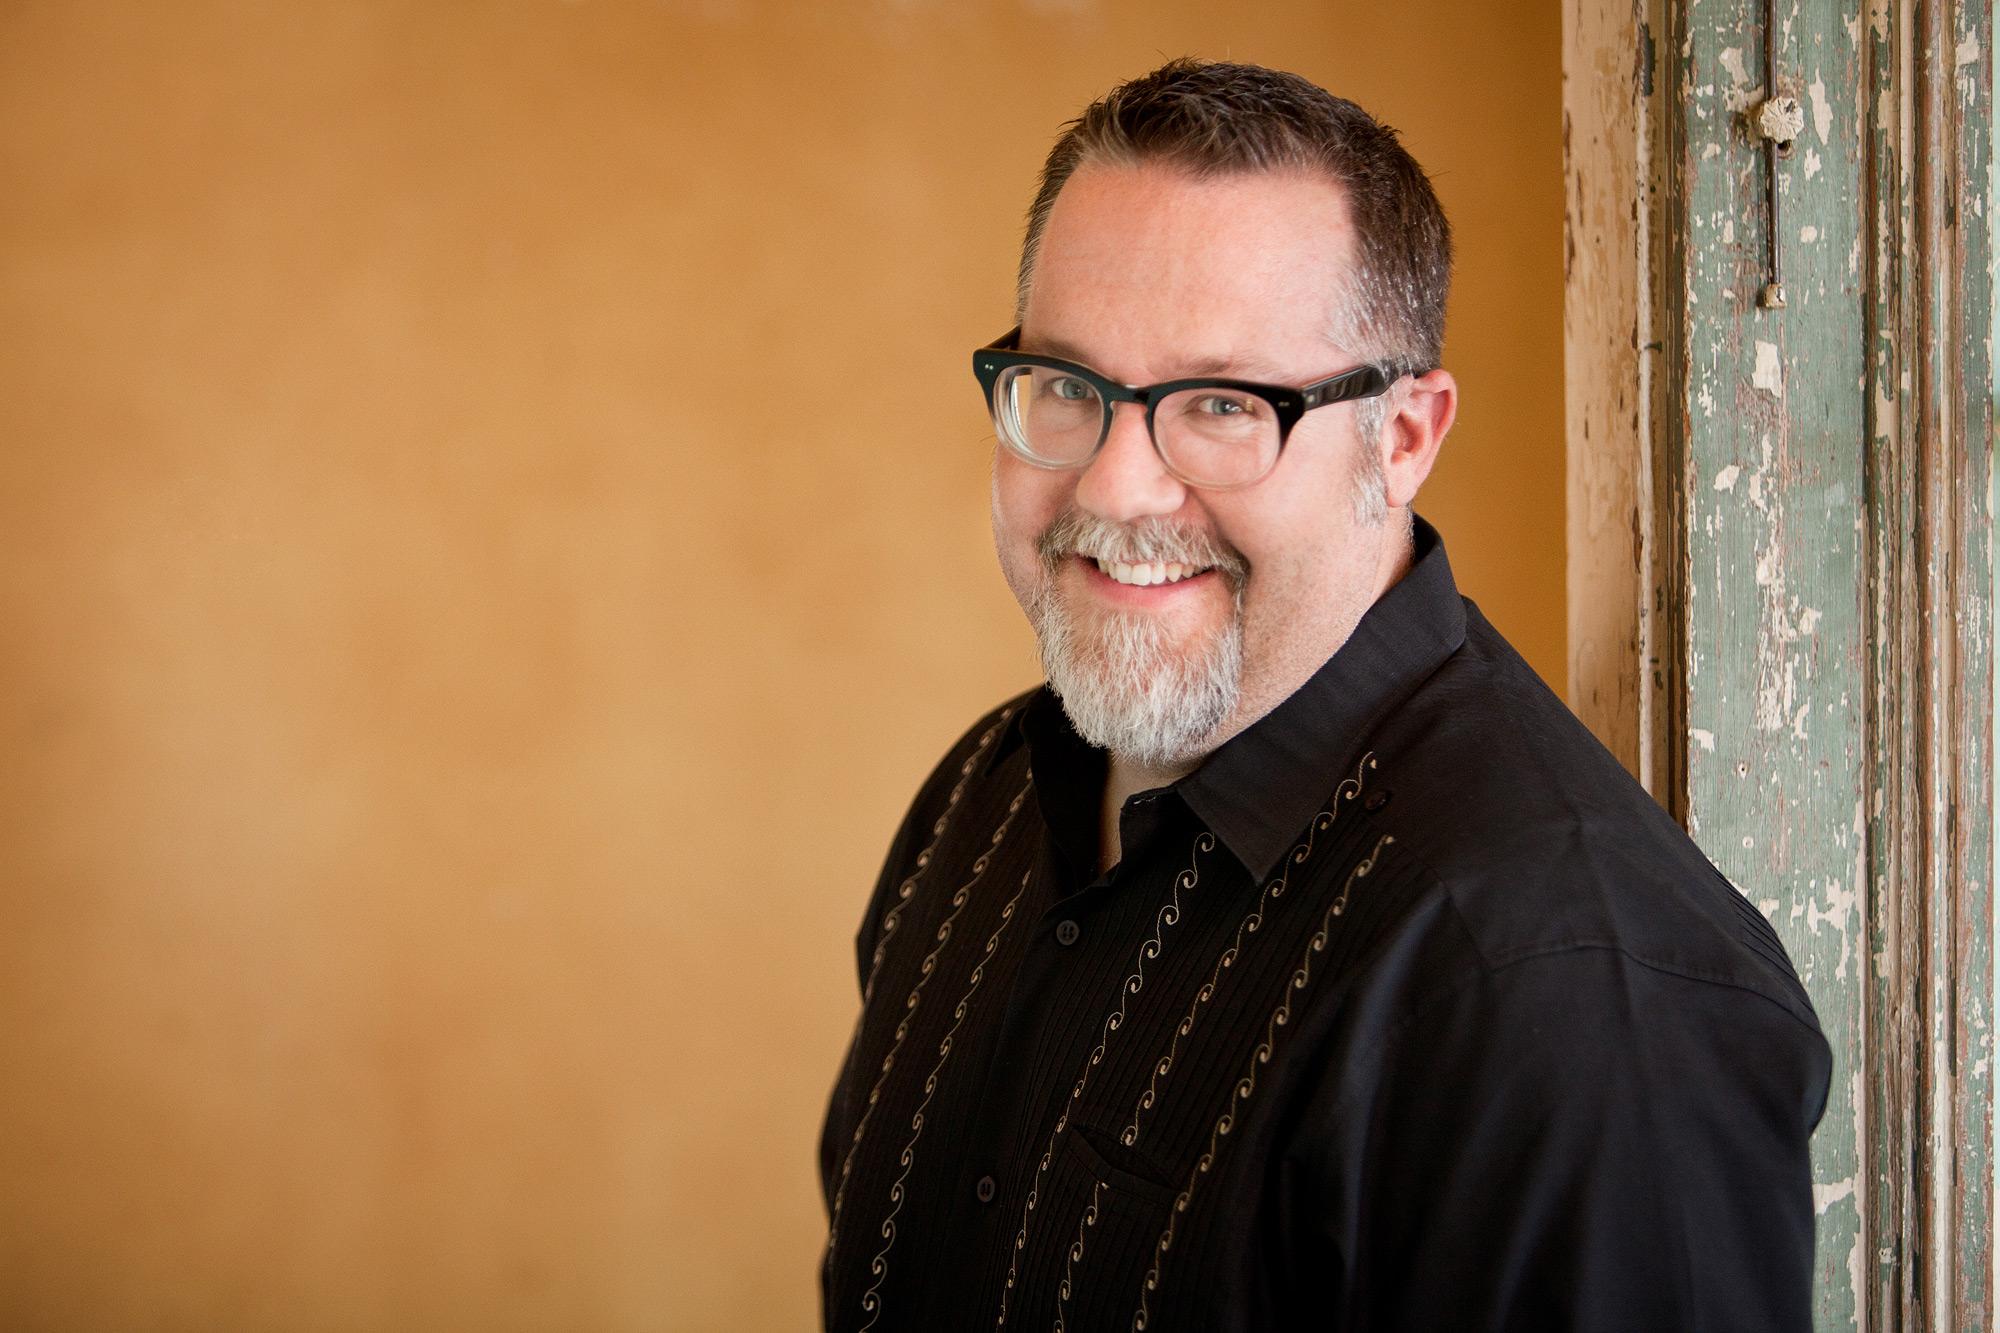 Brian Auderer, designer